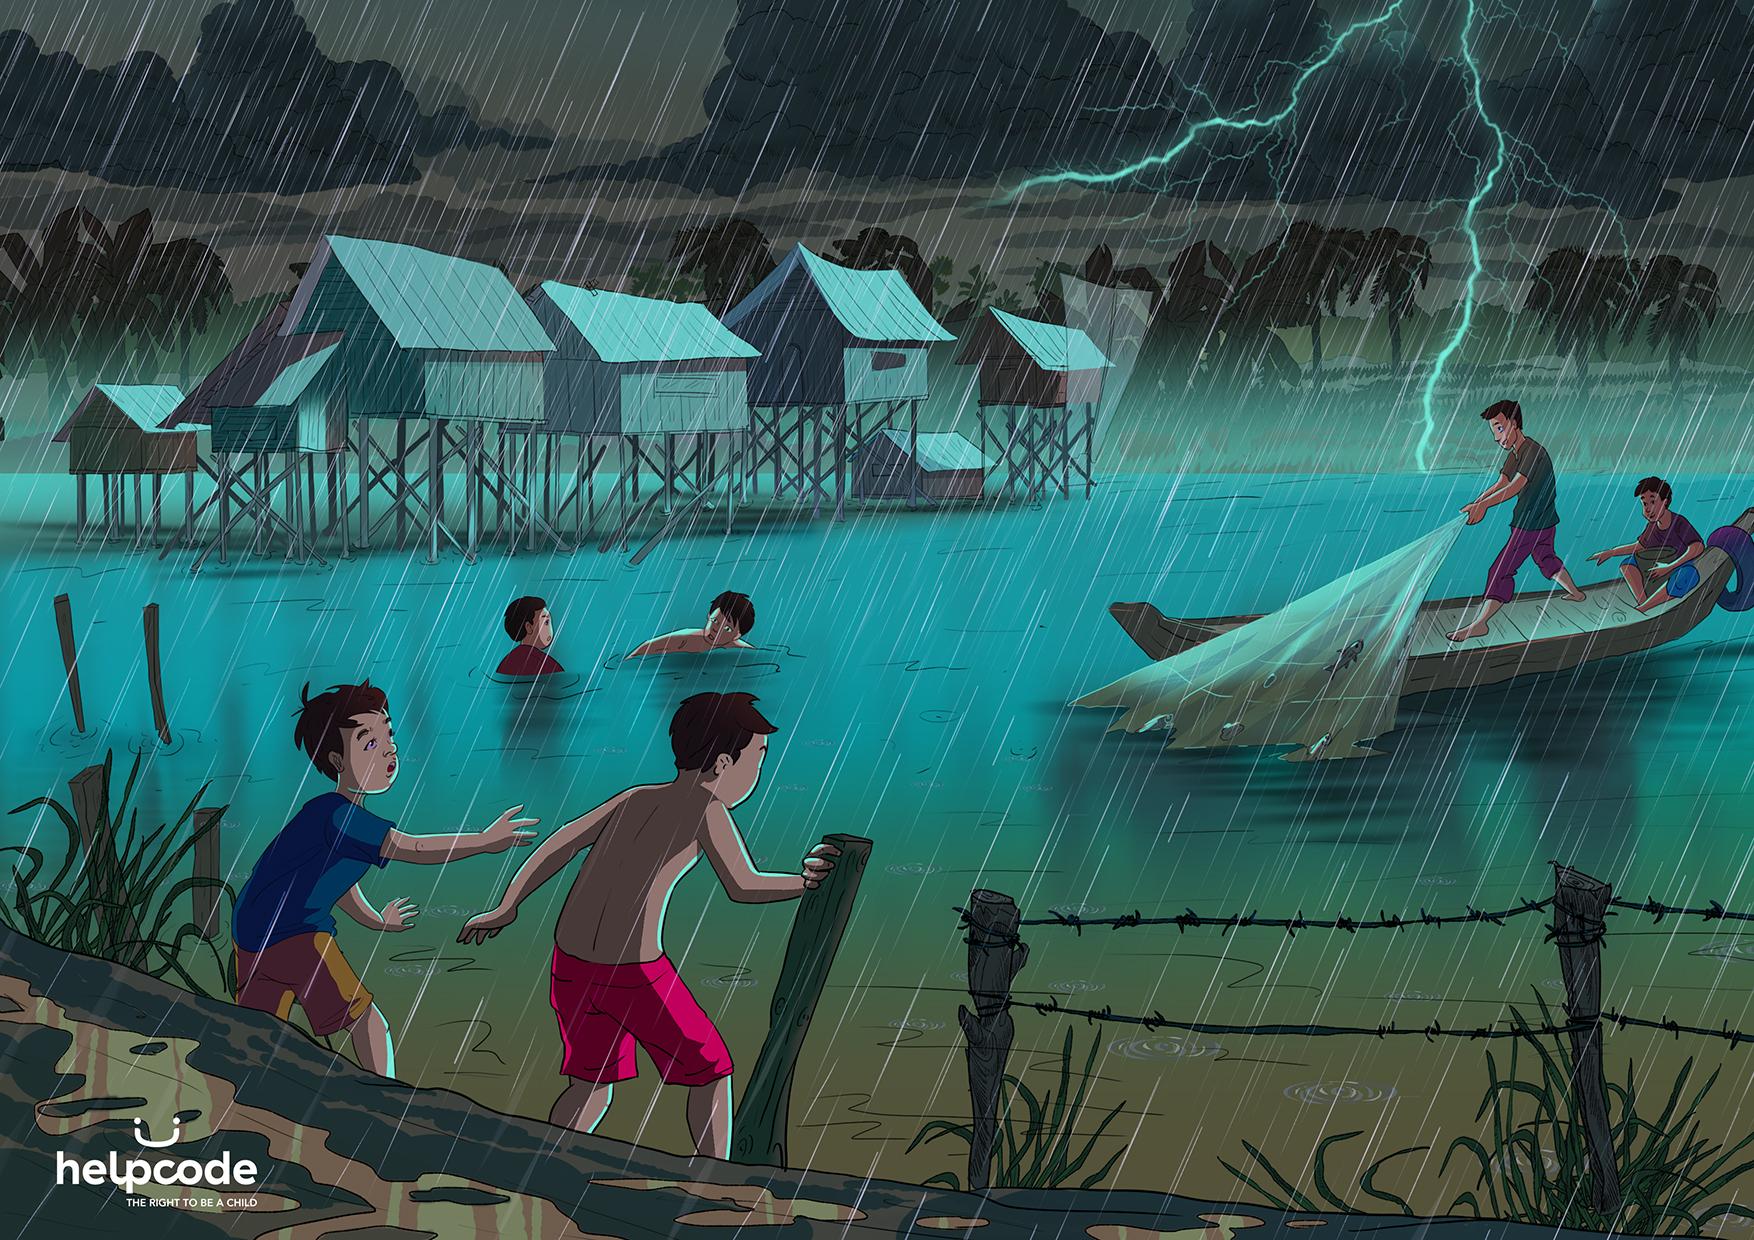 Un illustrazione con dei bambini che fanno il bagno durante un temporale